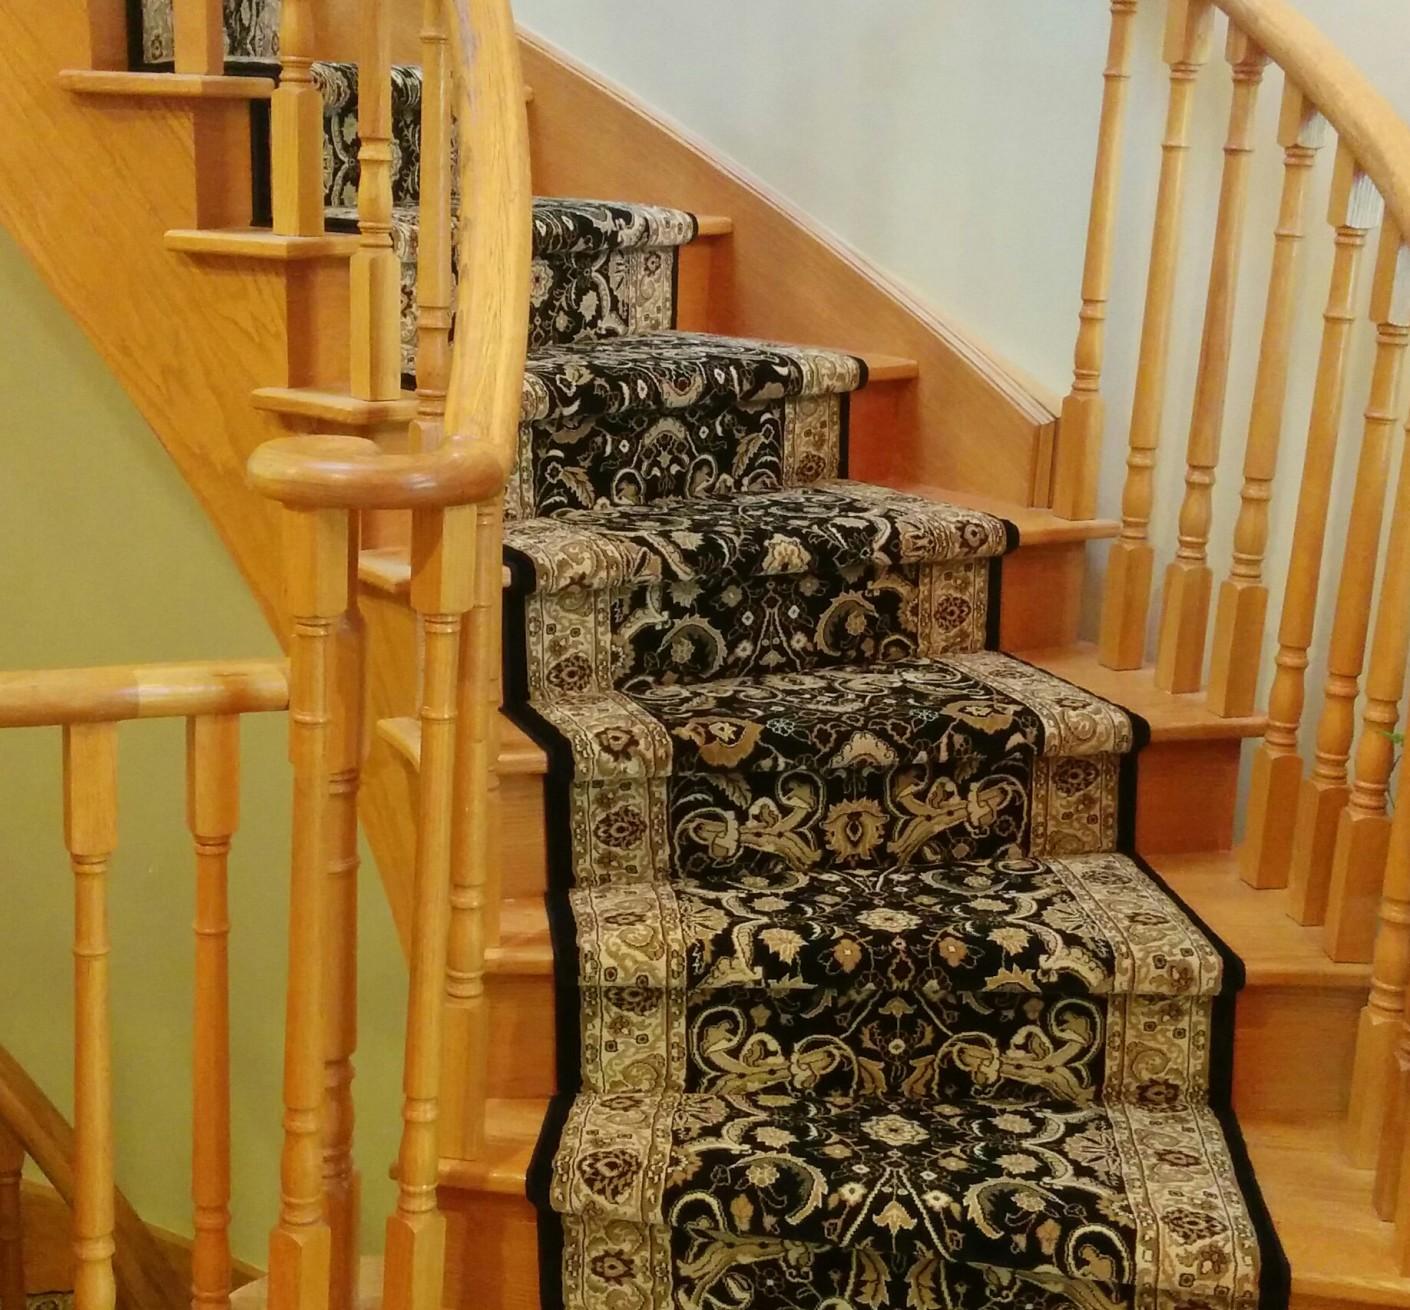 black carpet runner on stairs